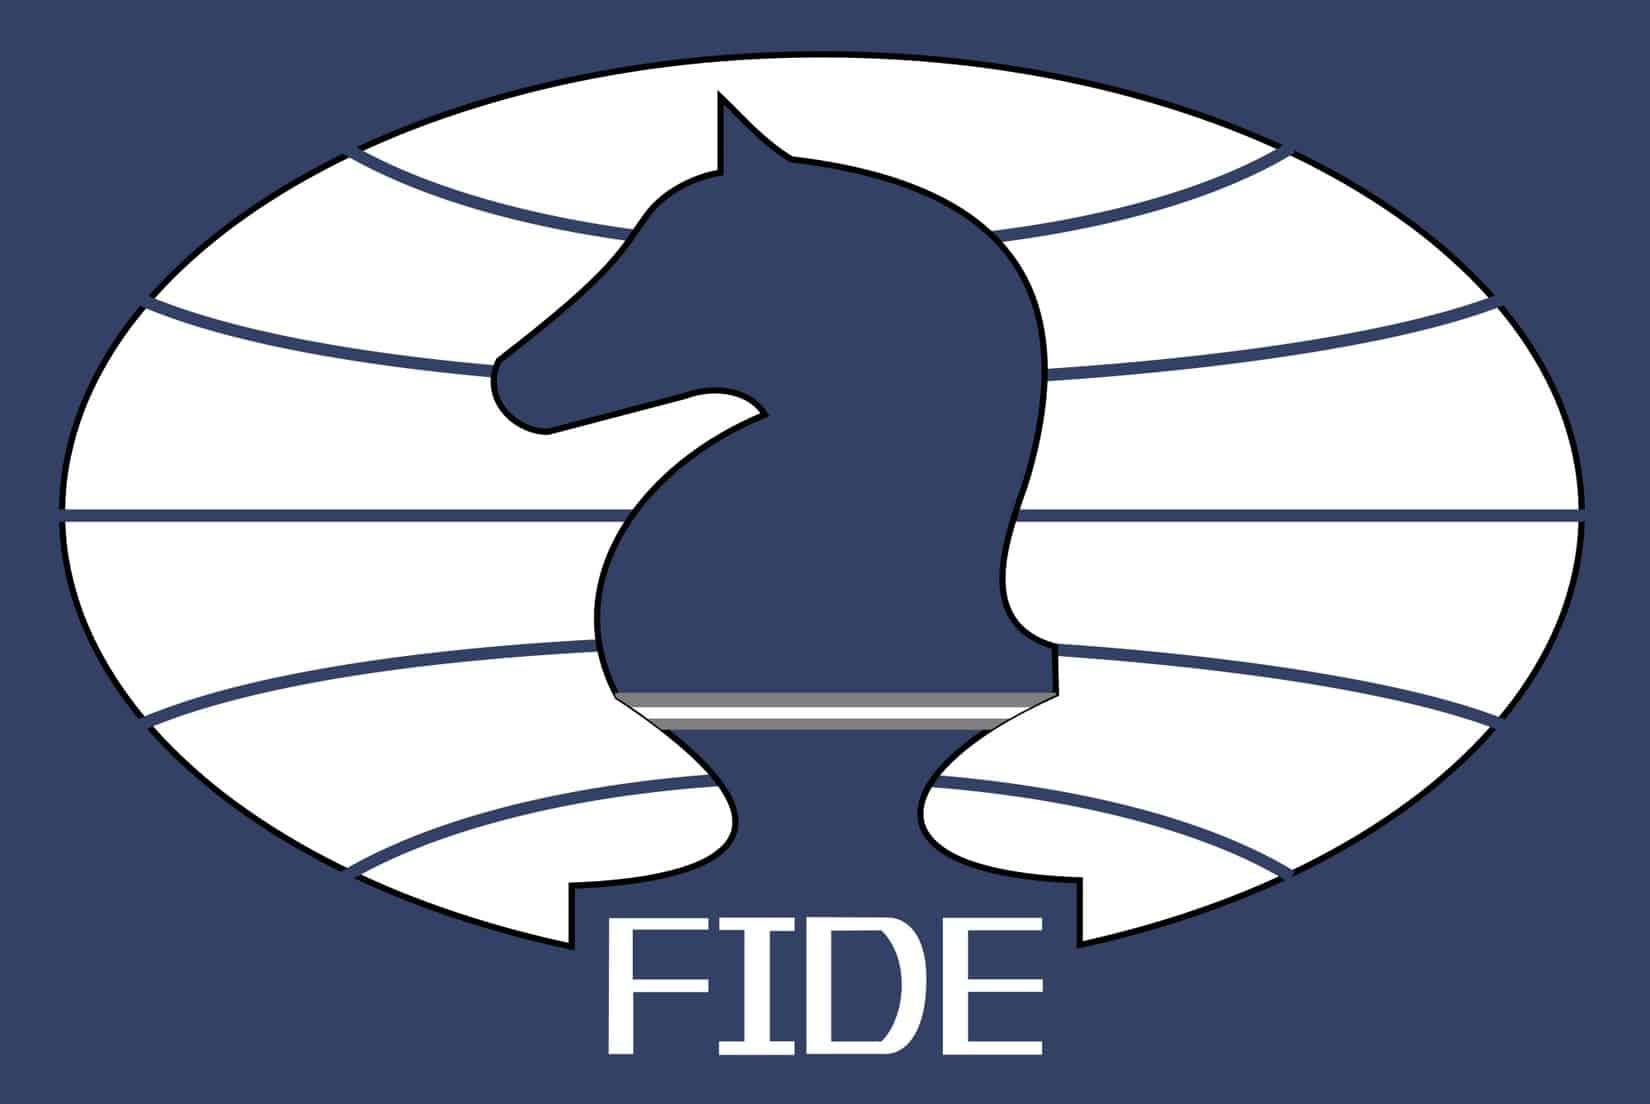 Imagen con el logo de la federación internacional del ajedrez